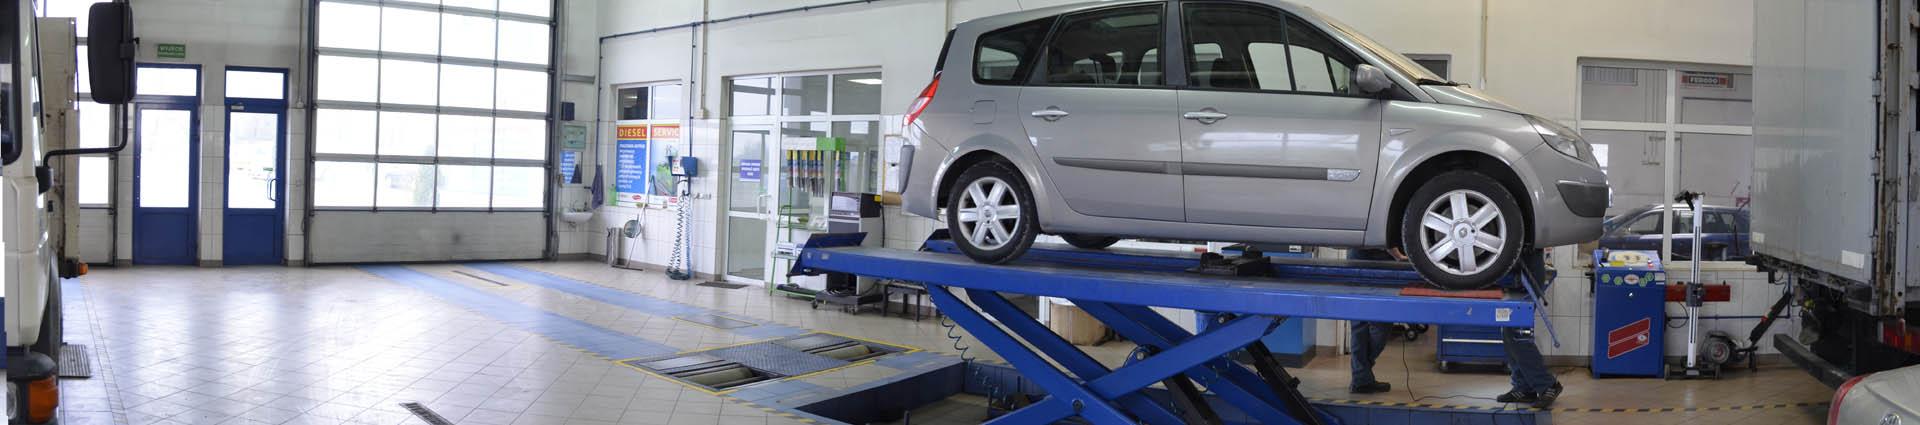 Okręgowa Stacja Kontroli Pojazdów Ryki